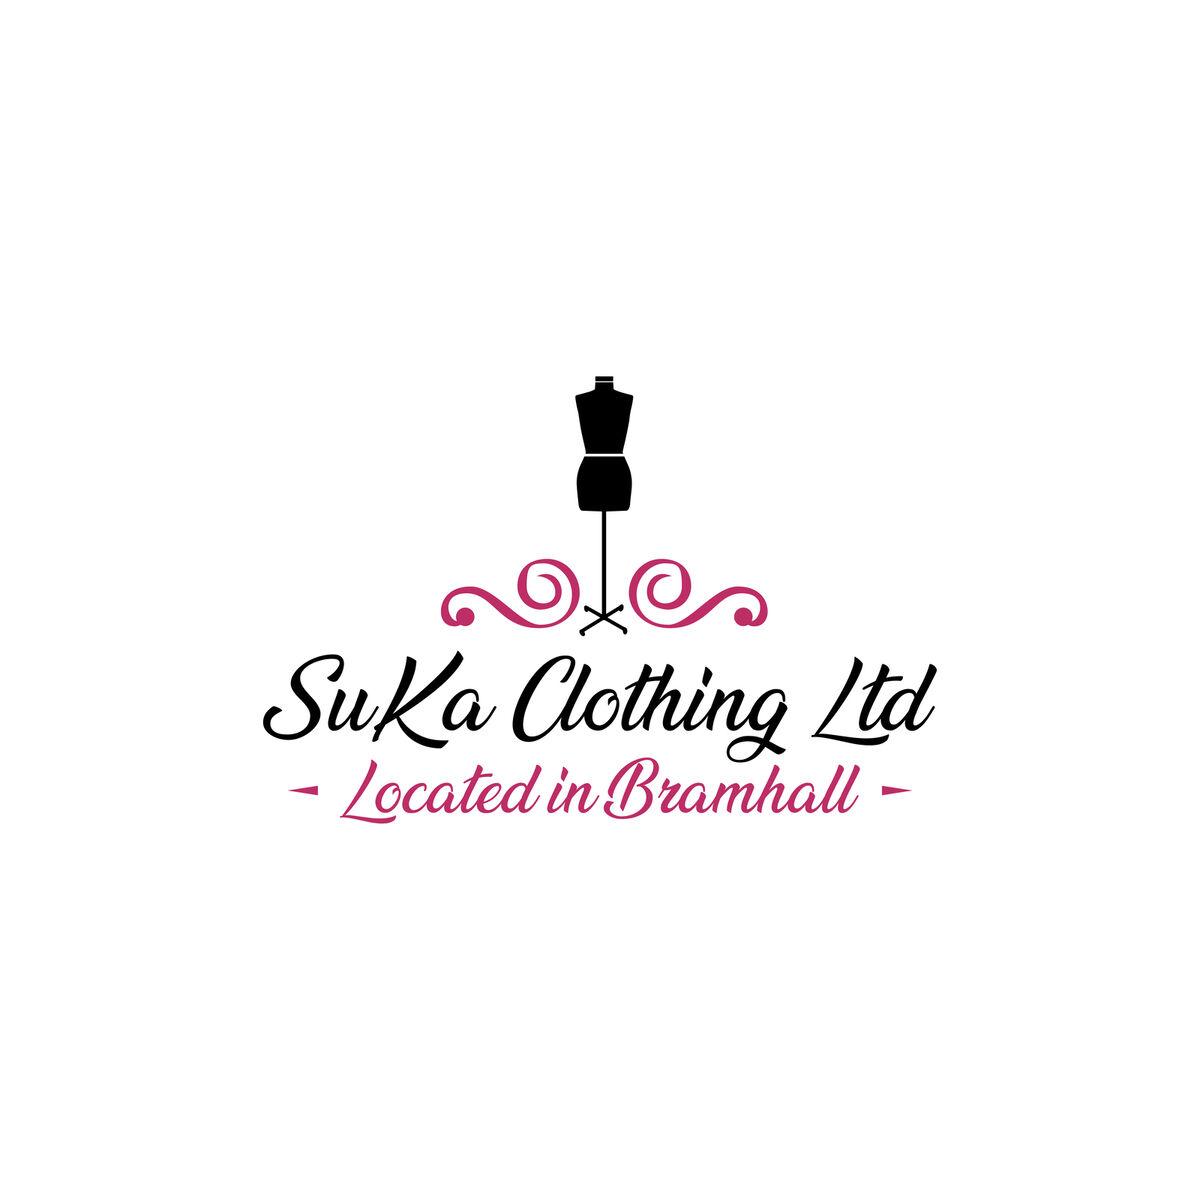 SuKa Clothing Ltd